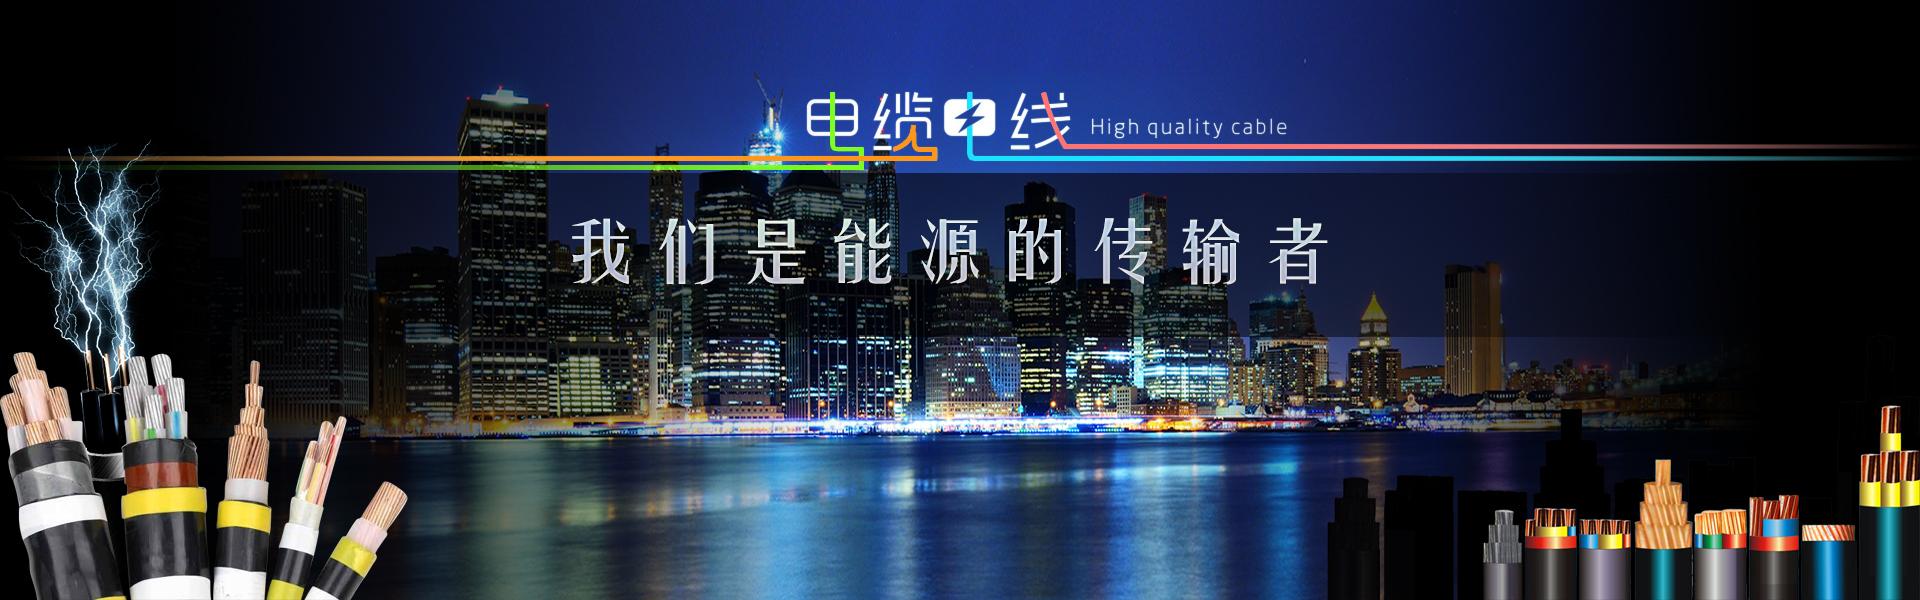 广东恒安顺电力设备服务有限公司